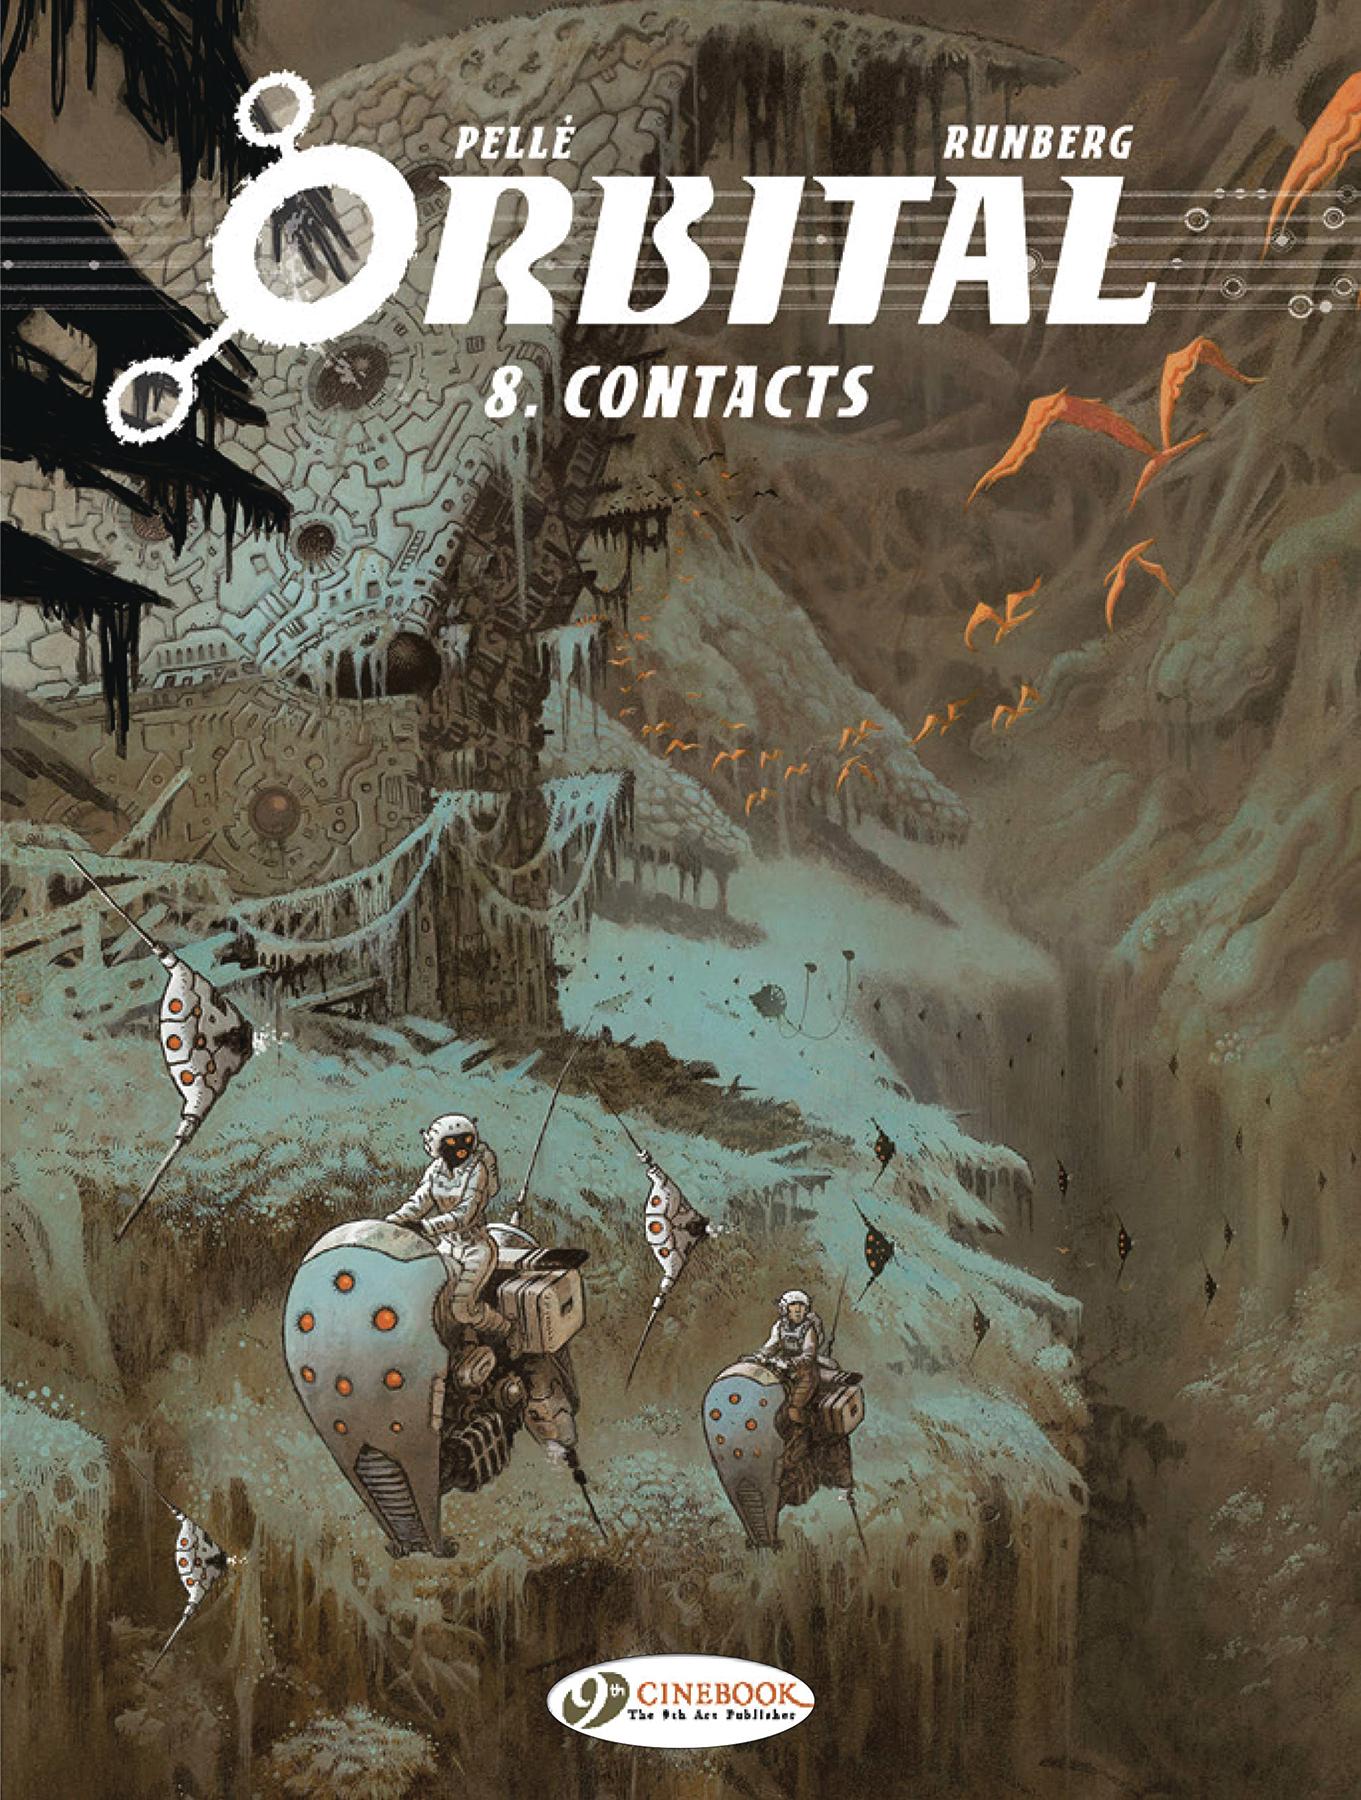 ORBITAL GN VOL 08 CONTACTS